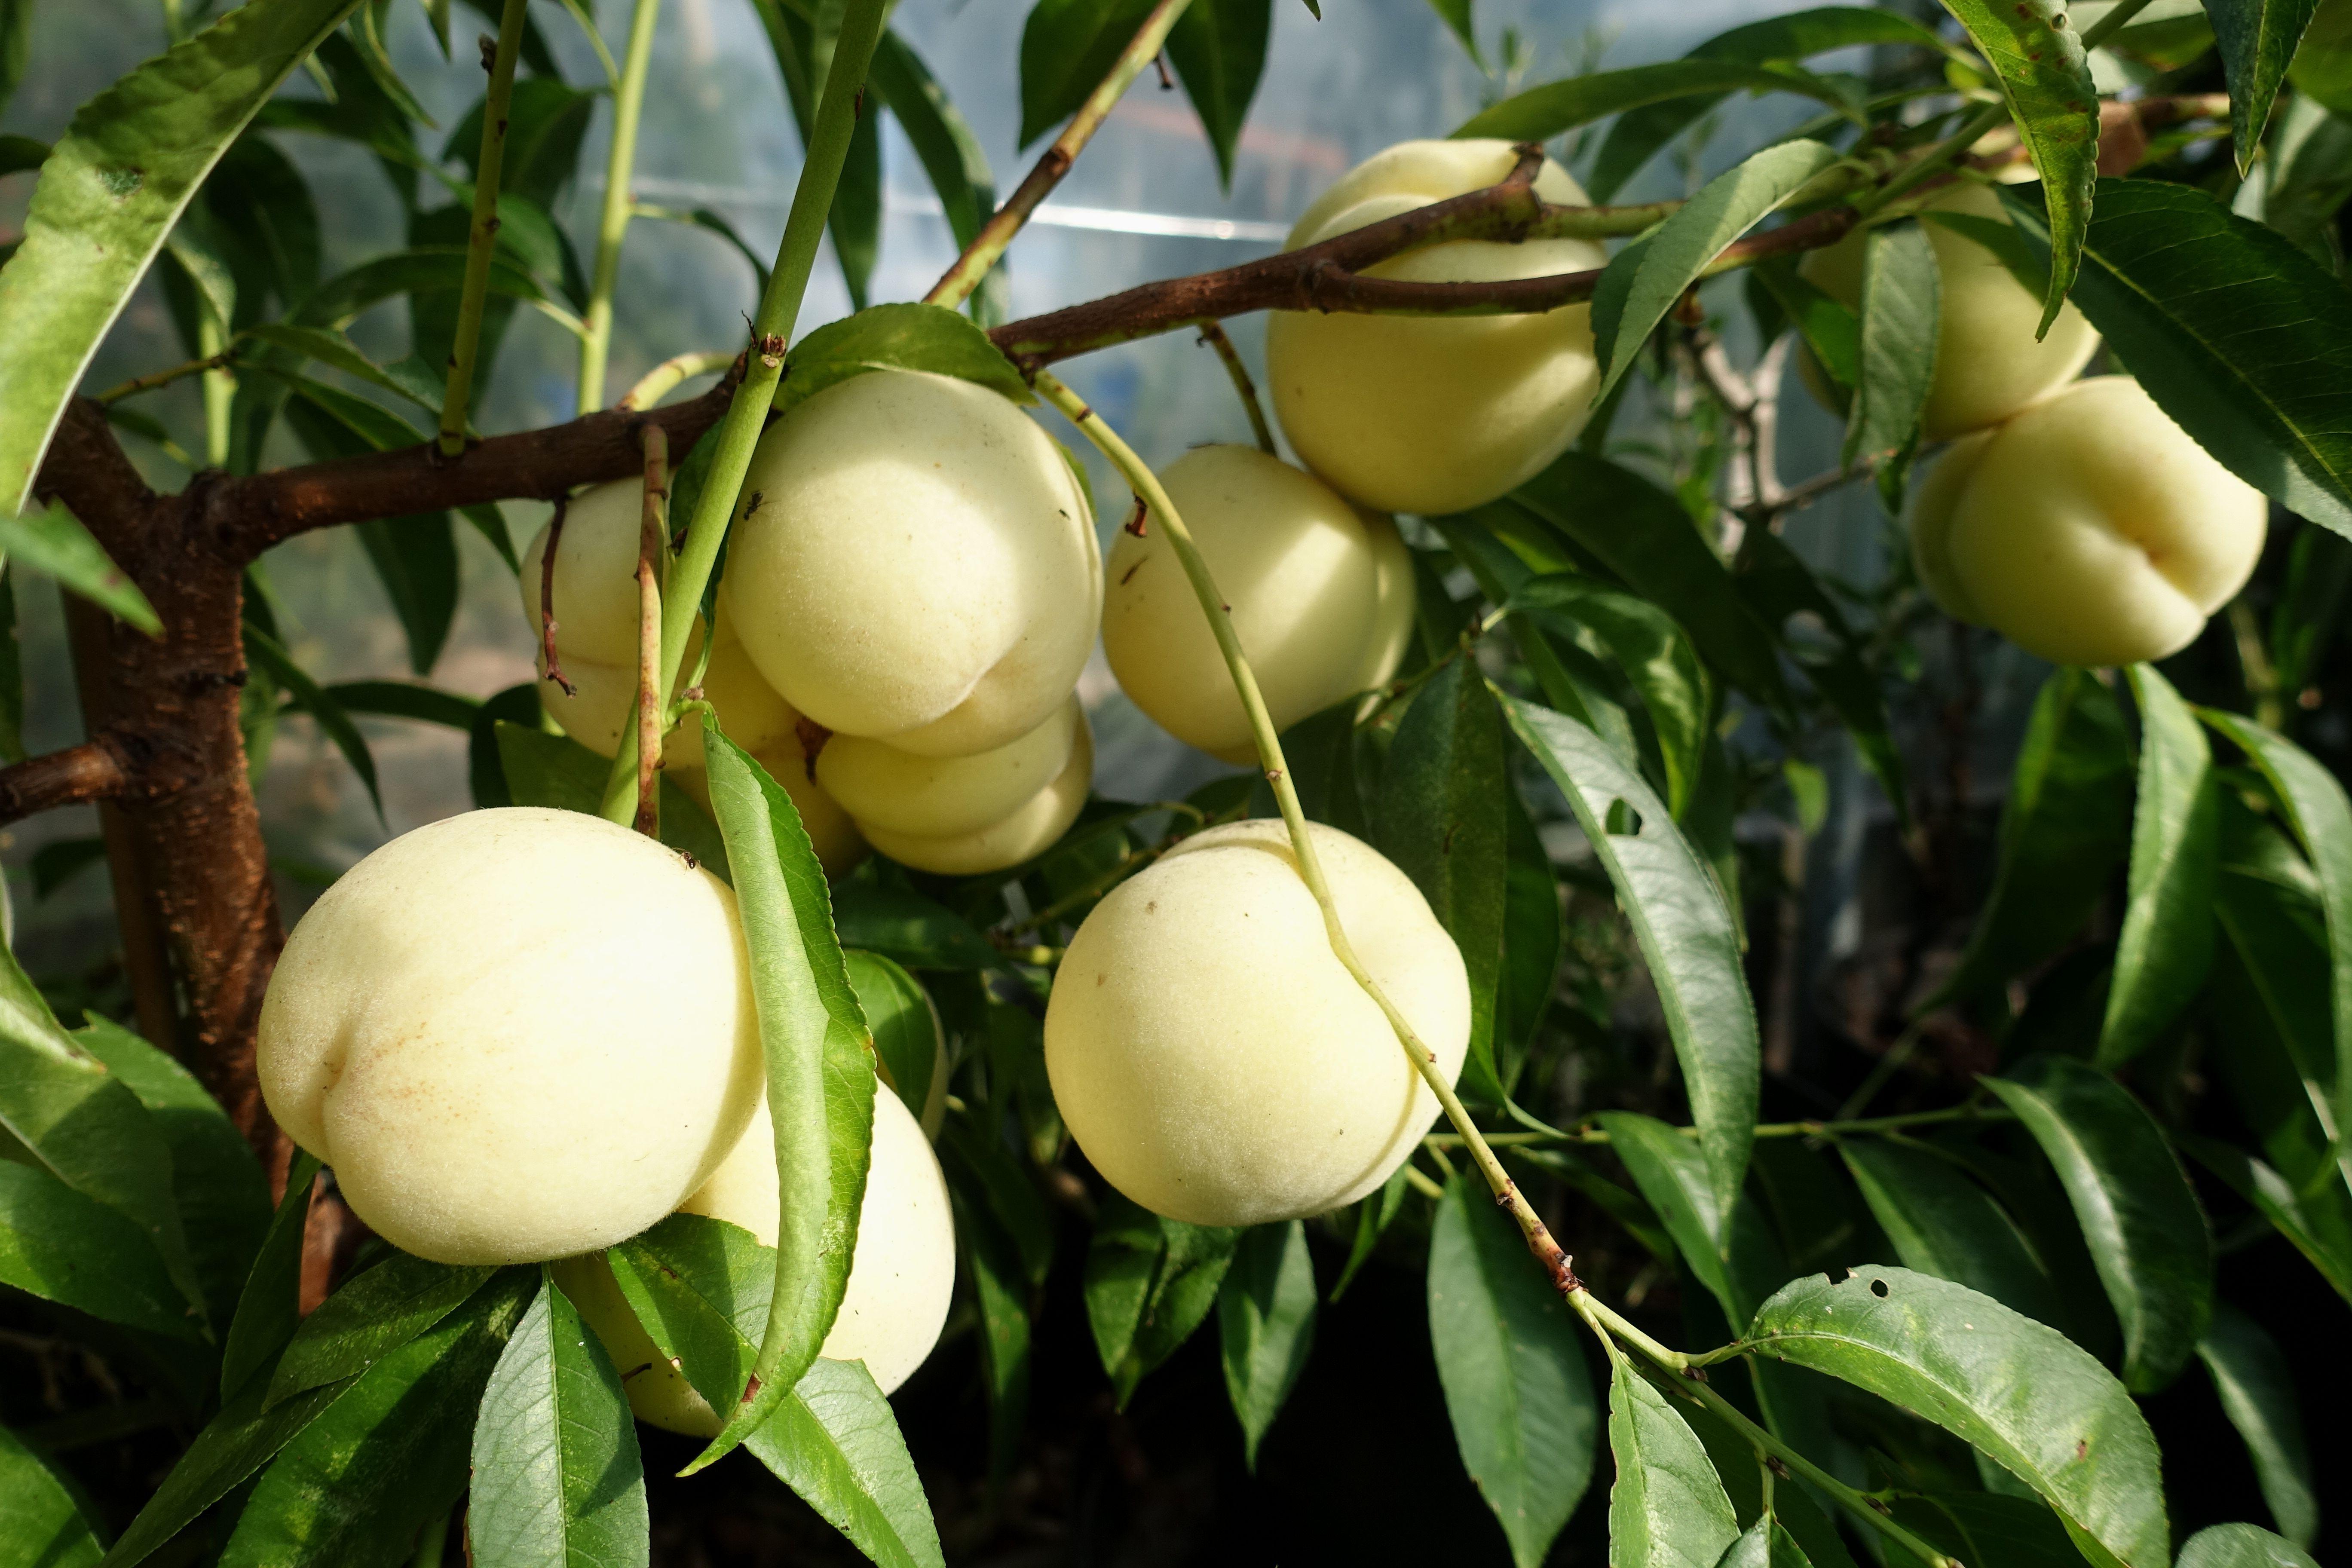 Närbild på en gren som innehåller ett tiotal frukter. White peach, close-up of a branch with fruits.